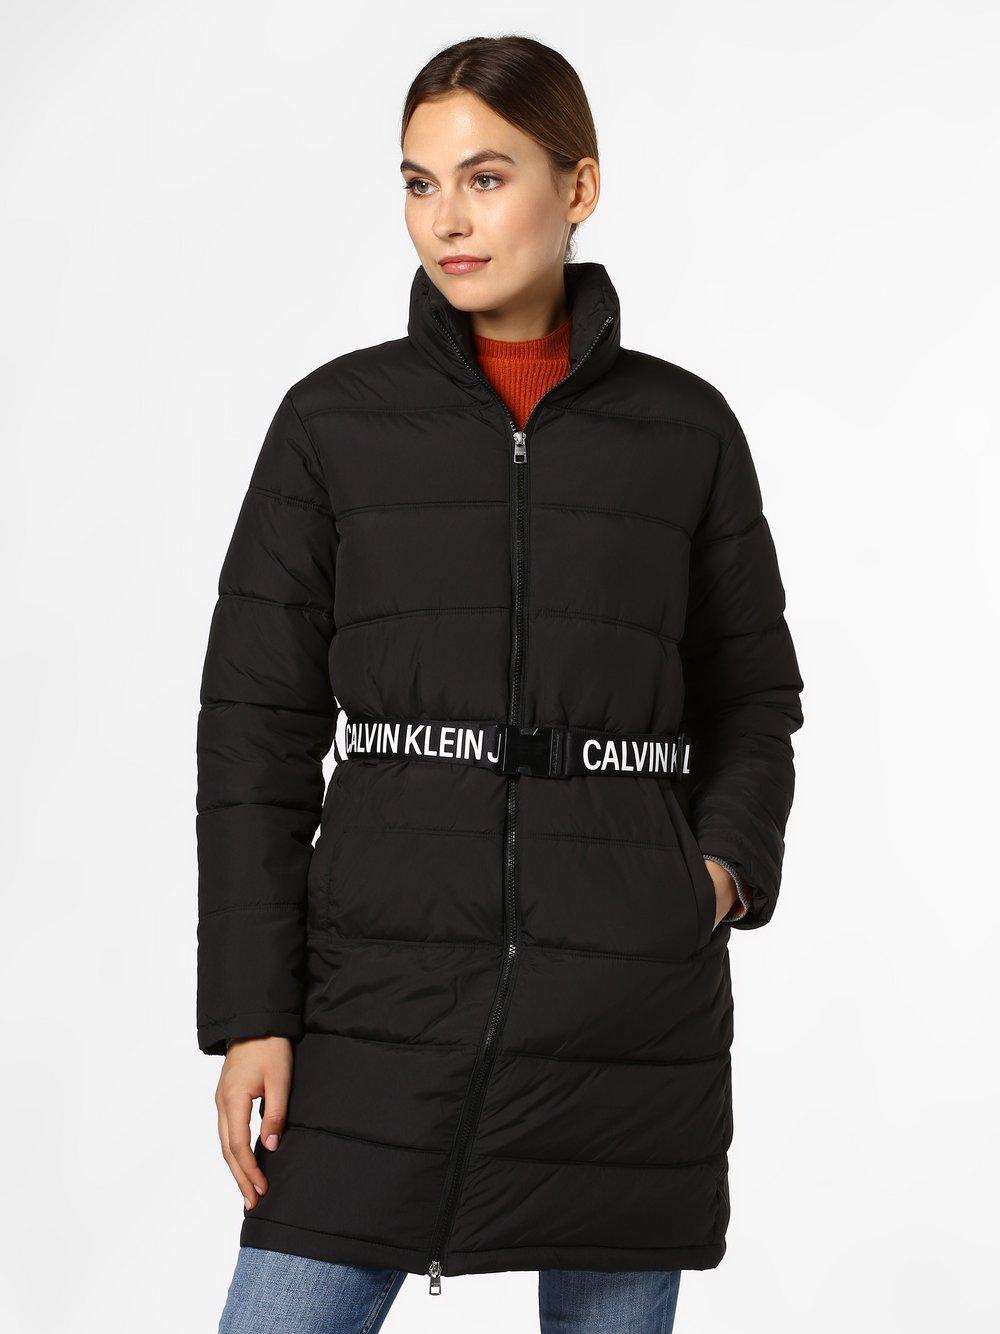 Calvin Klein Jeans - Damski płaszcz pikowany, czarny